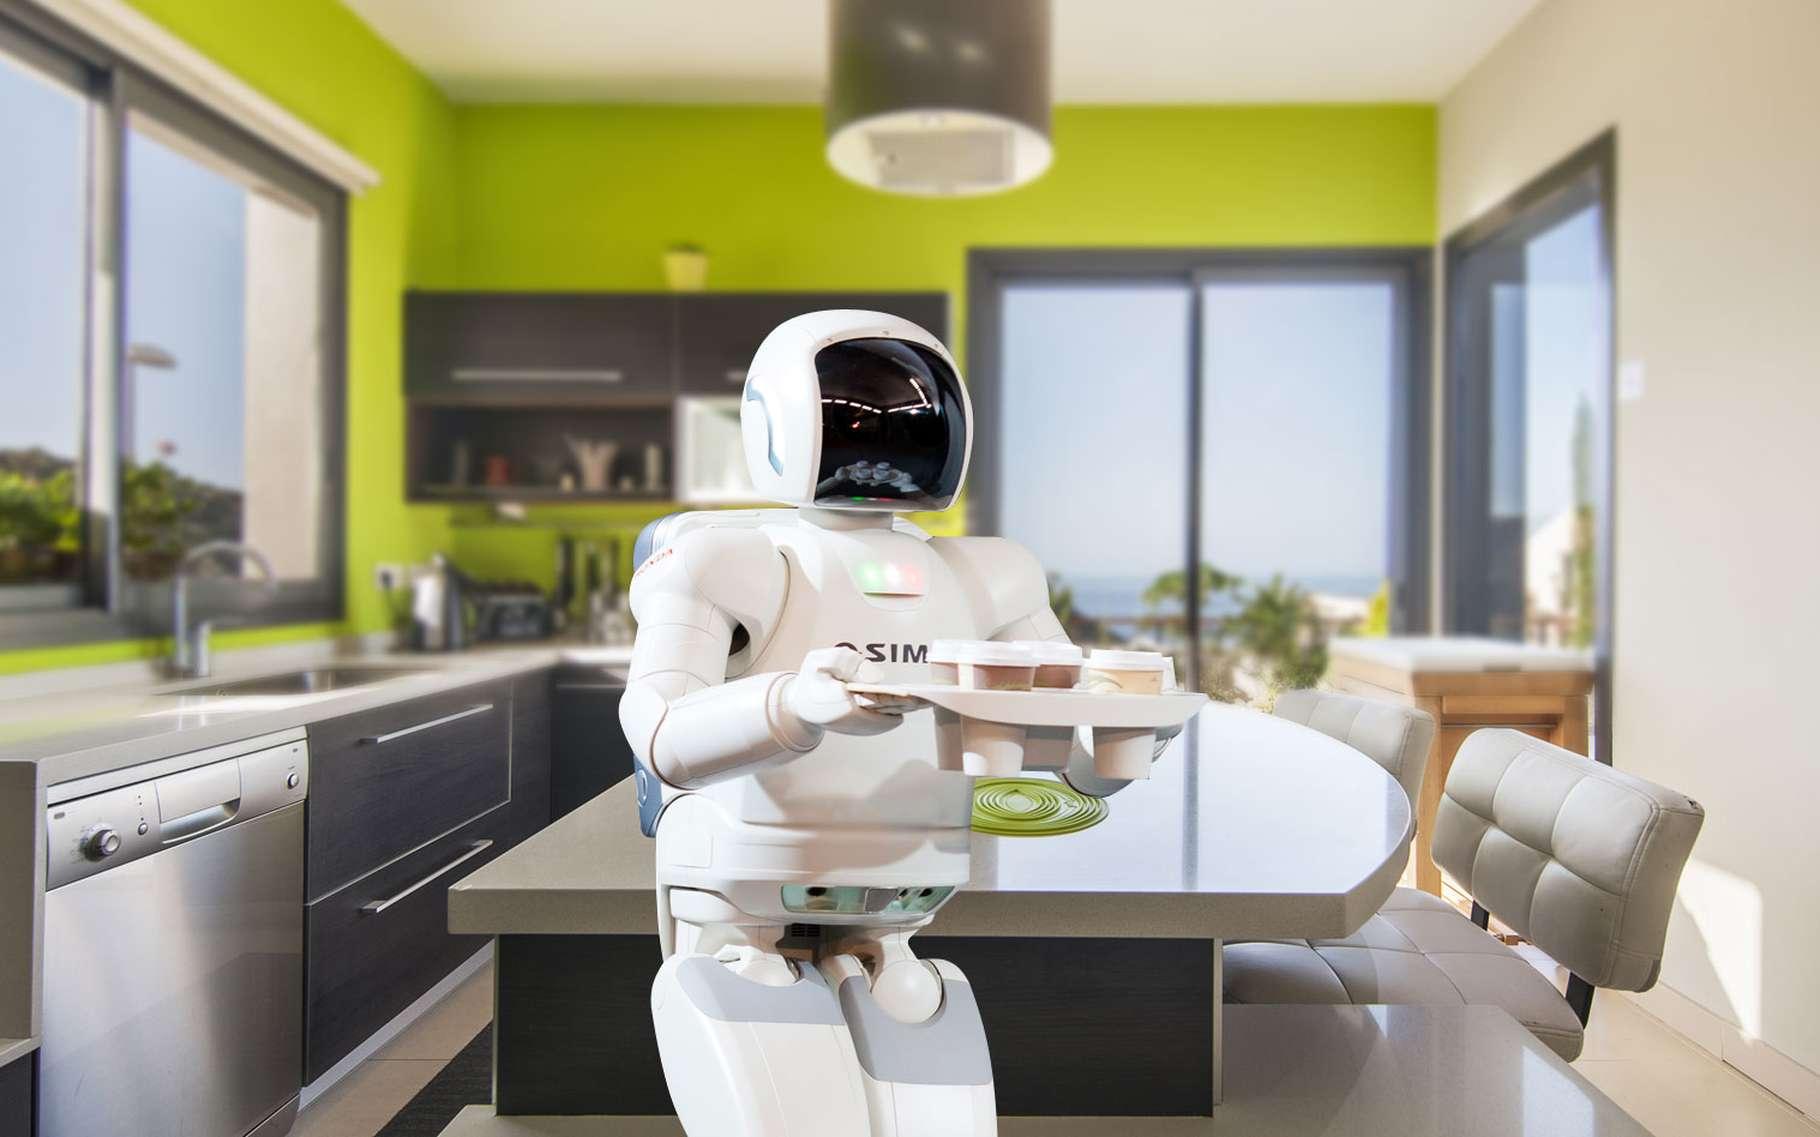 Le robot domestique du rve  la ralit  Dossier